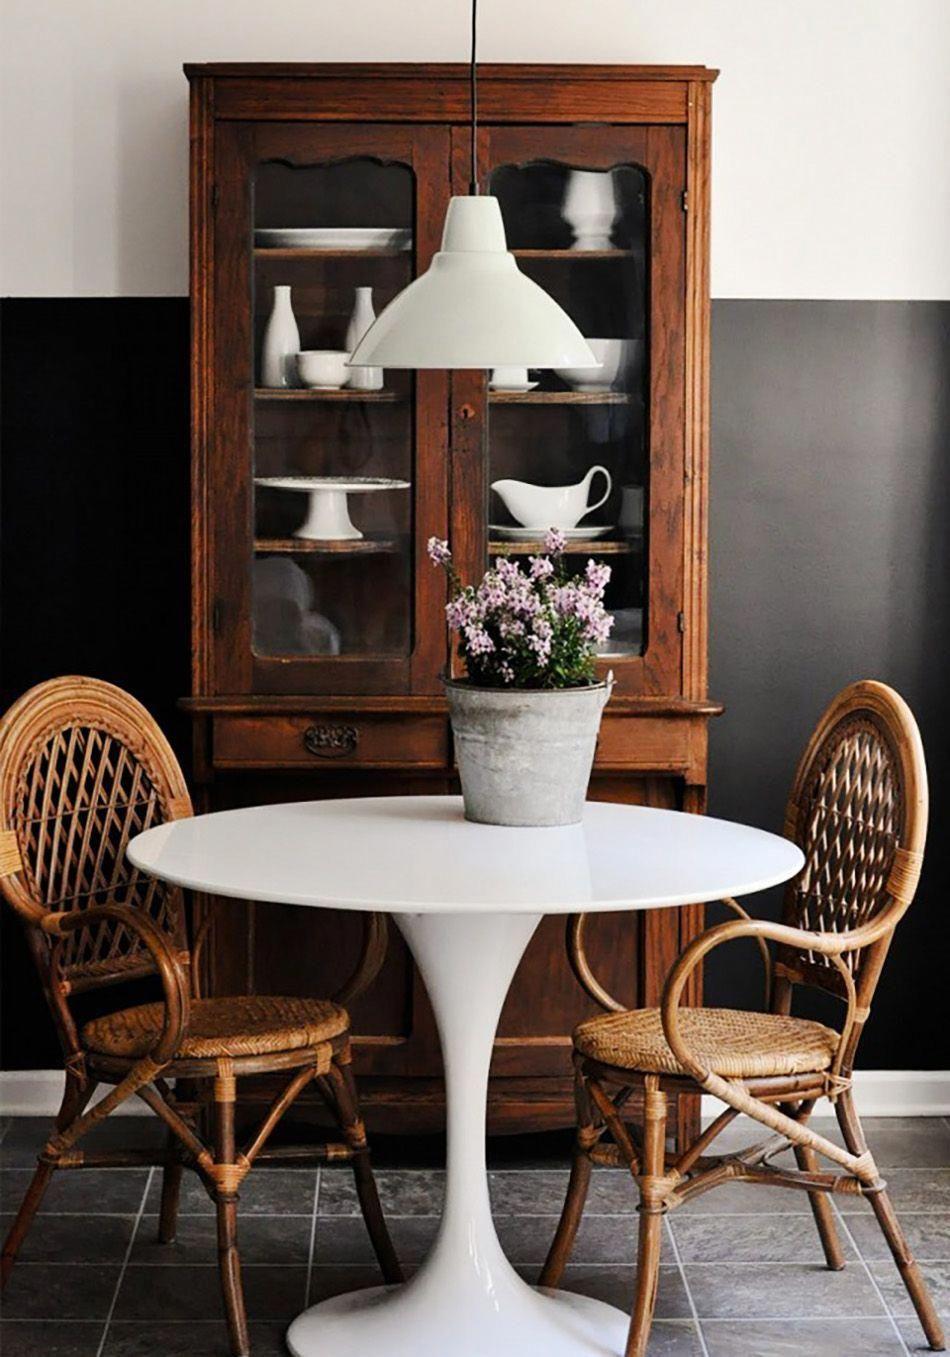 Mesa tulip y silla miranda en el comedor